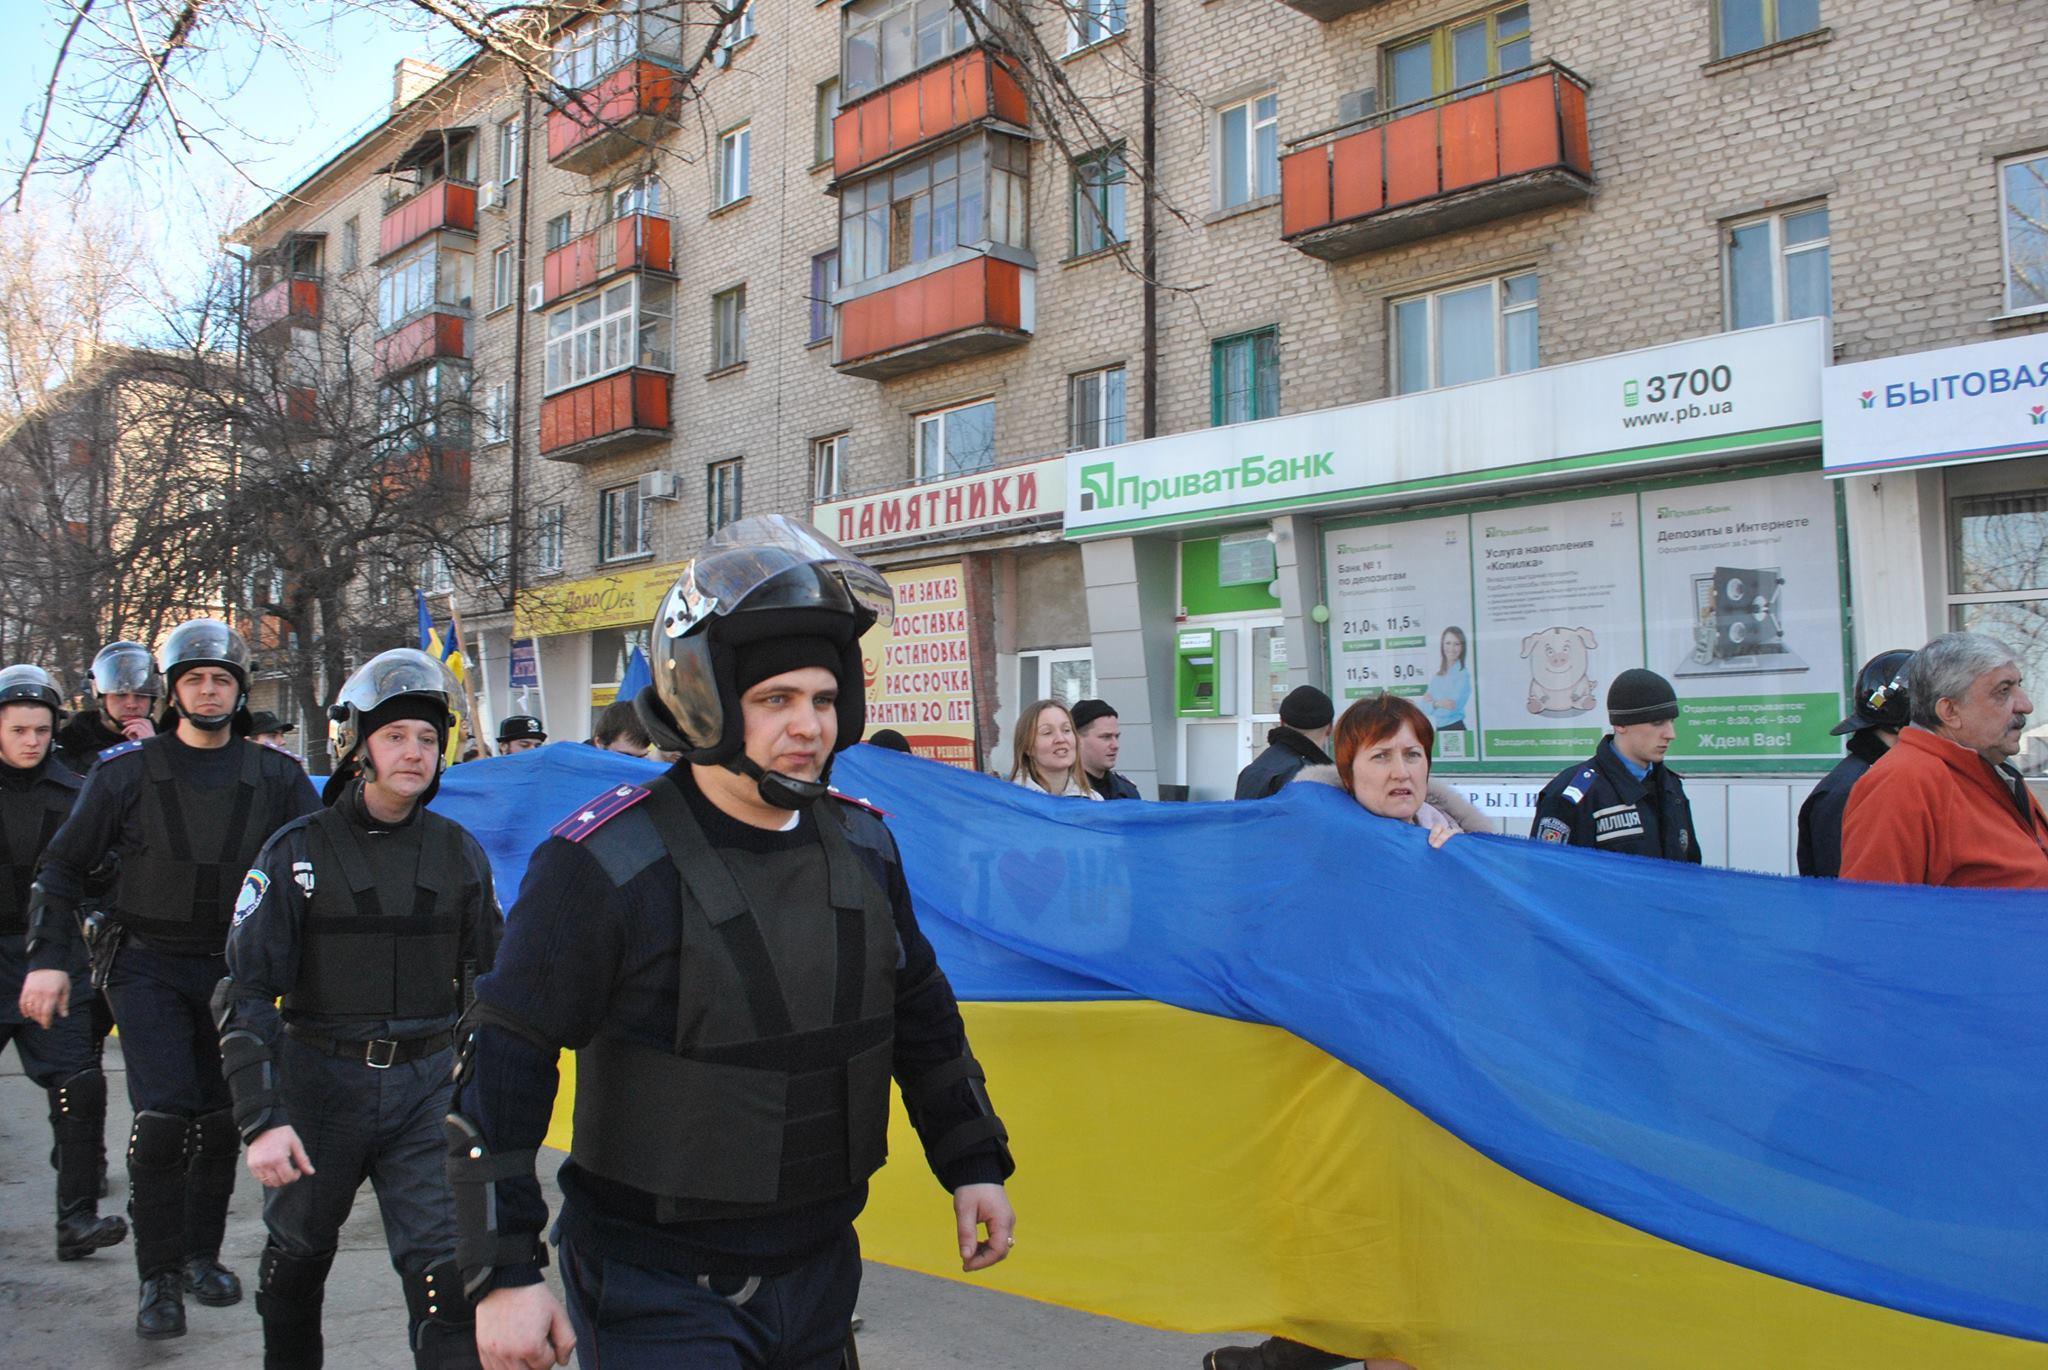 Один из весенних маршей луганского Евромайдана. Фото с сайта Луганск и луганчане.jpg